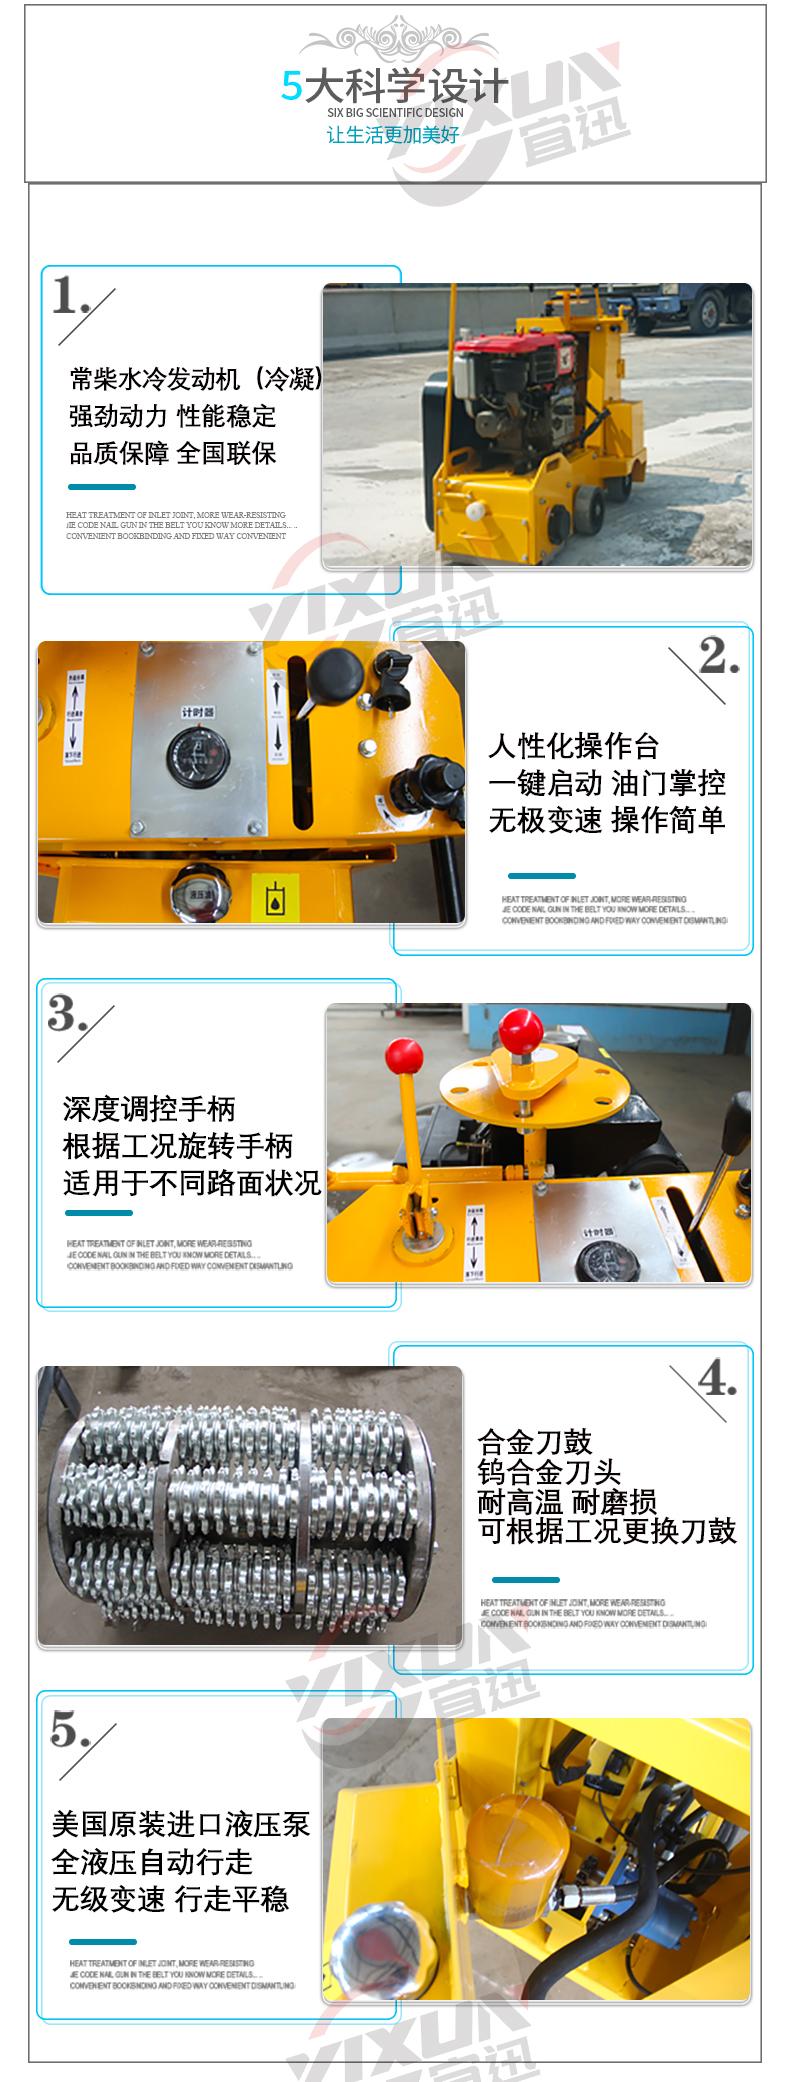 手扶式全液压铣刨机产品特点